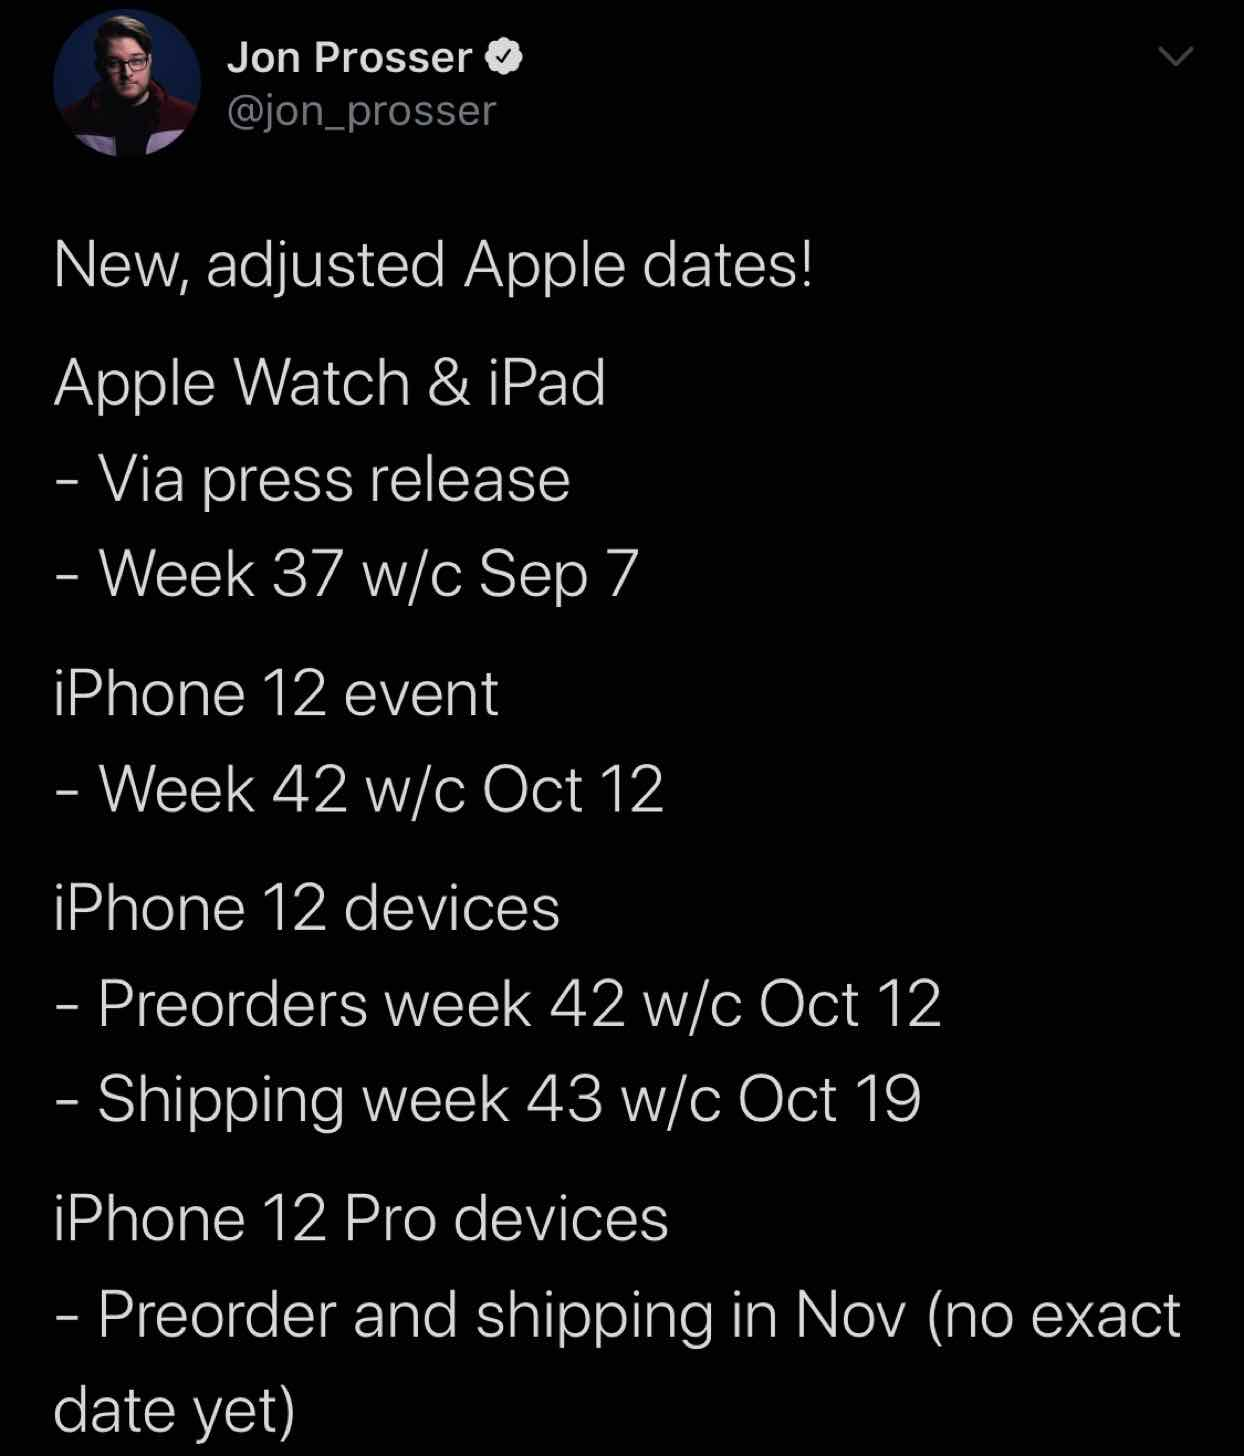 AppleWatchやiPad1、そして次期iPhoneシリーズの発表時期について